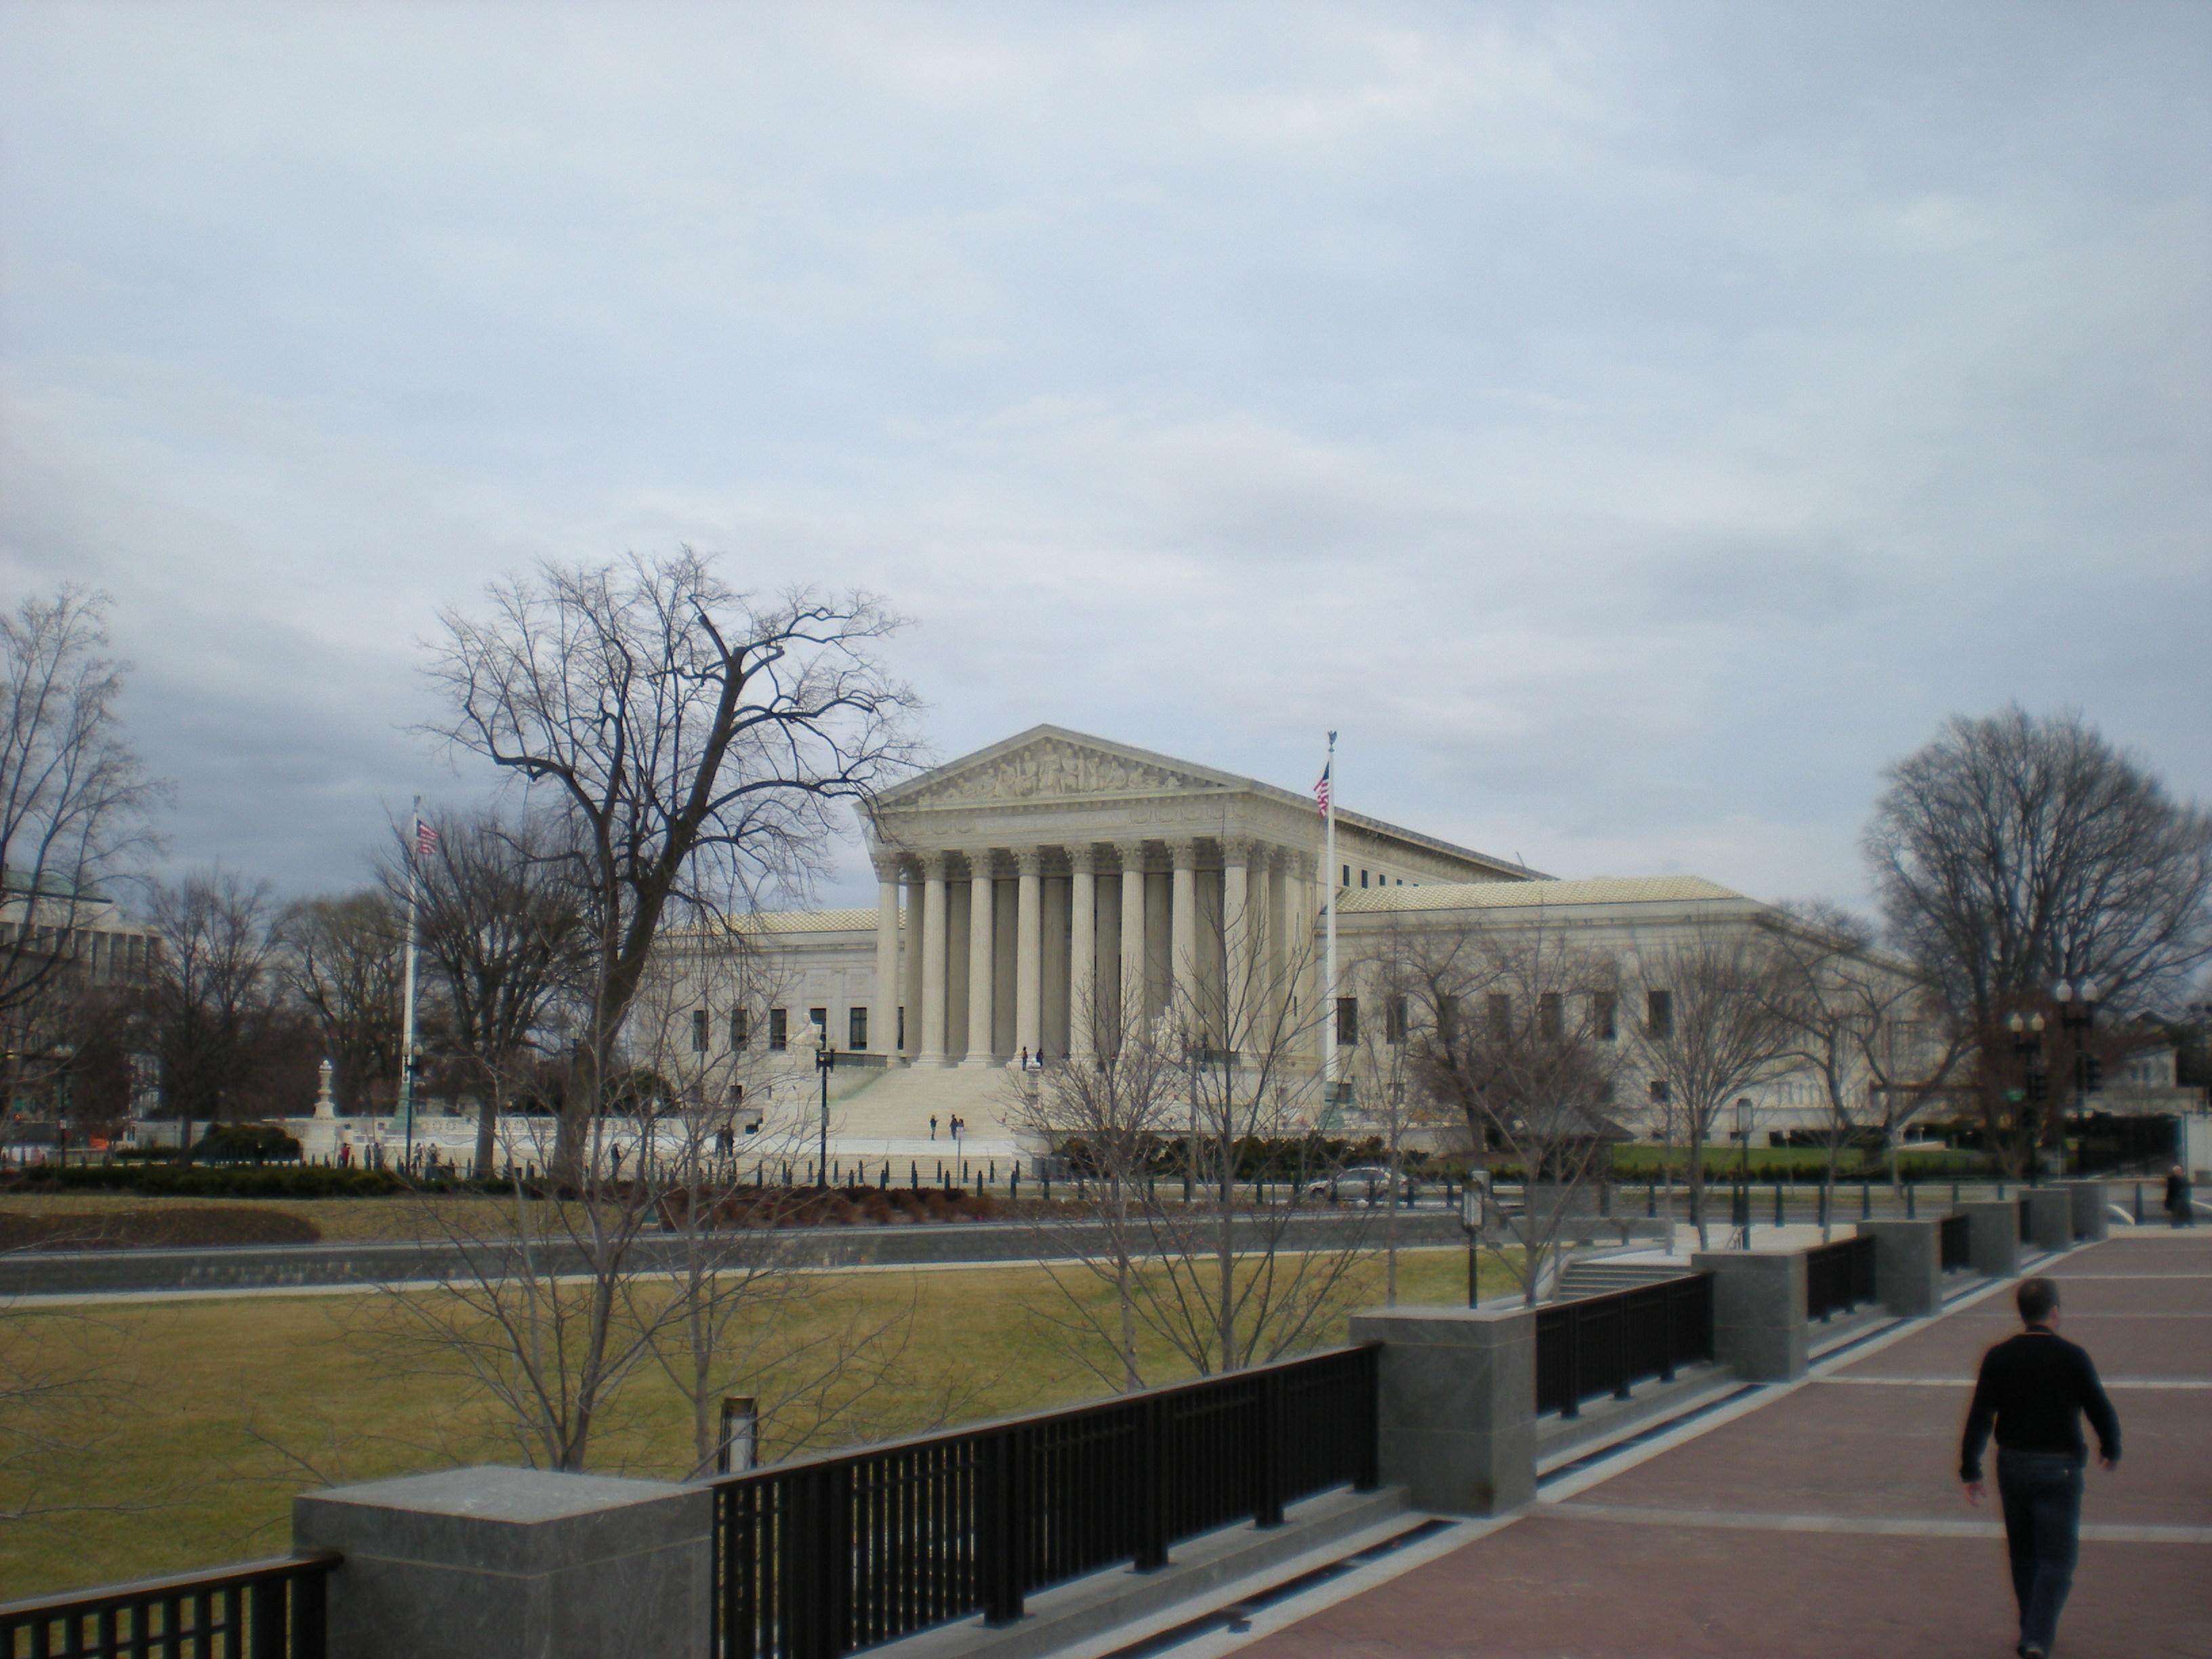 United states supreme court photo